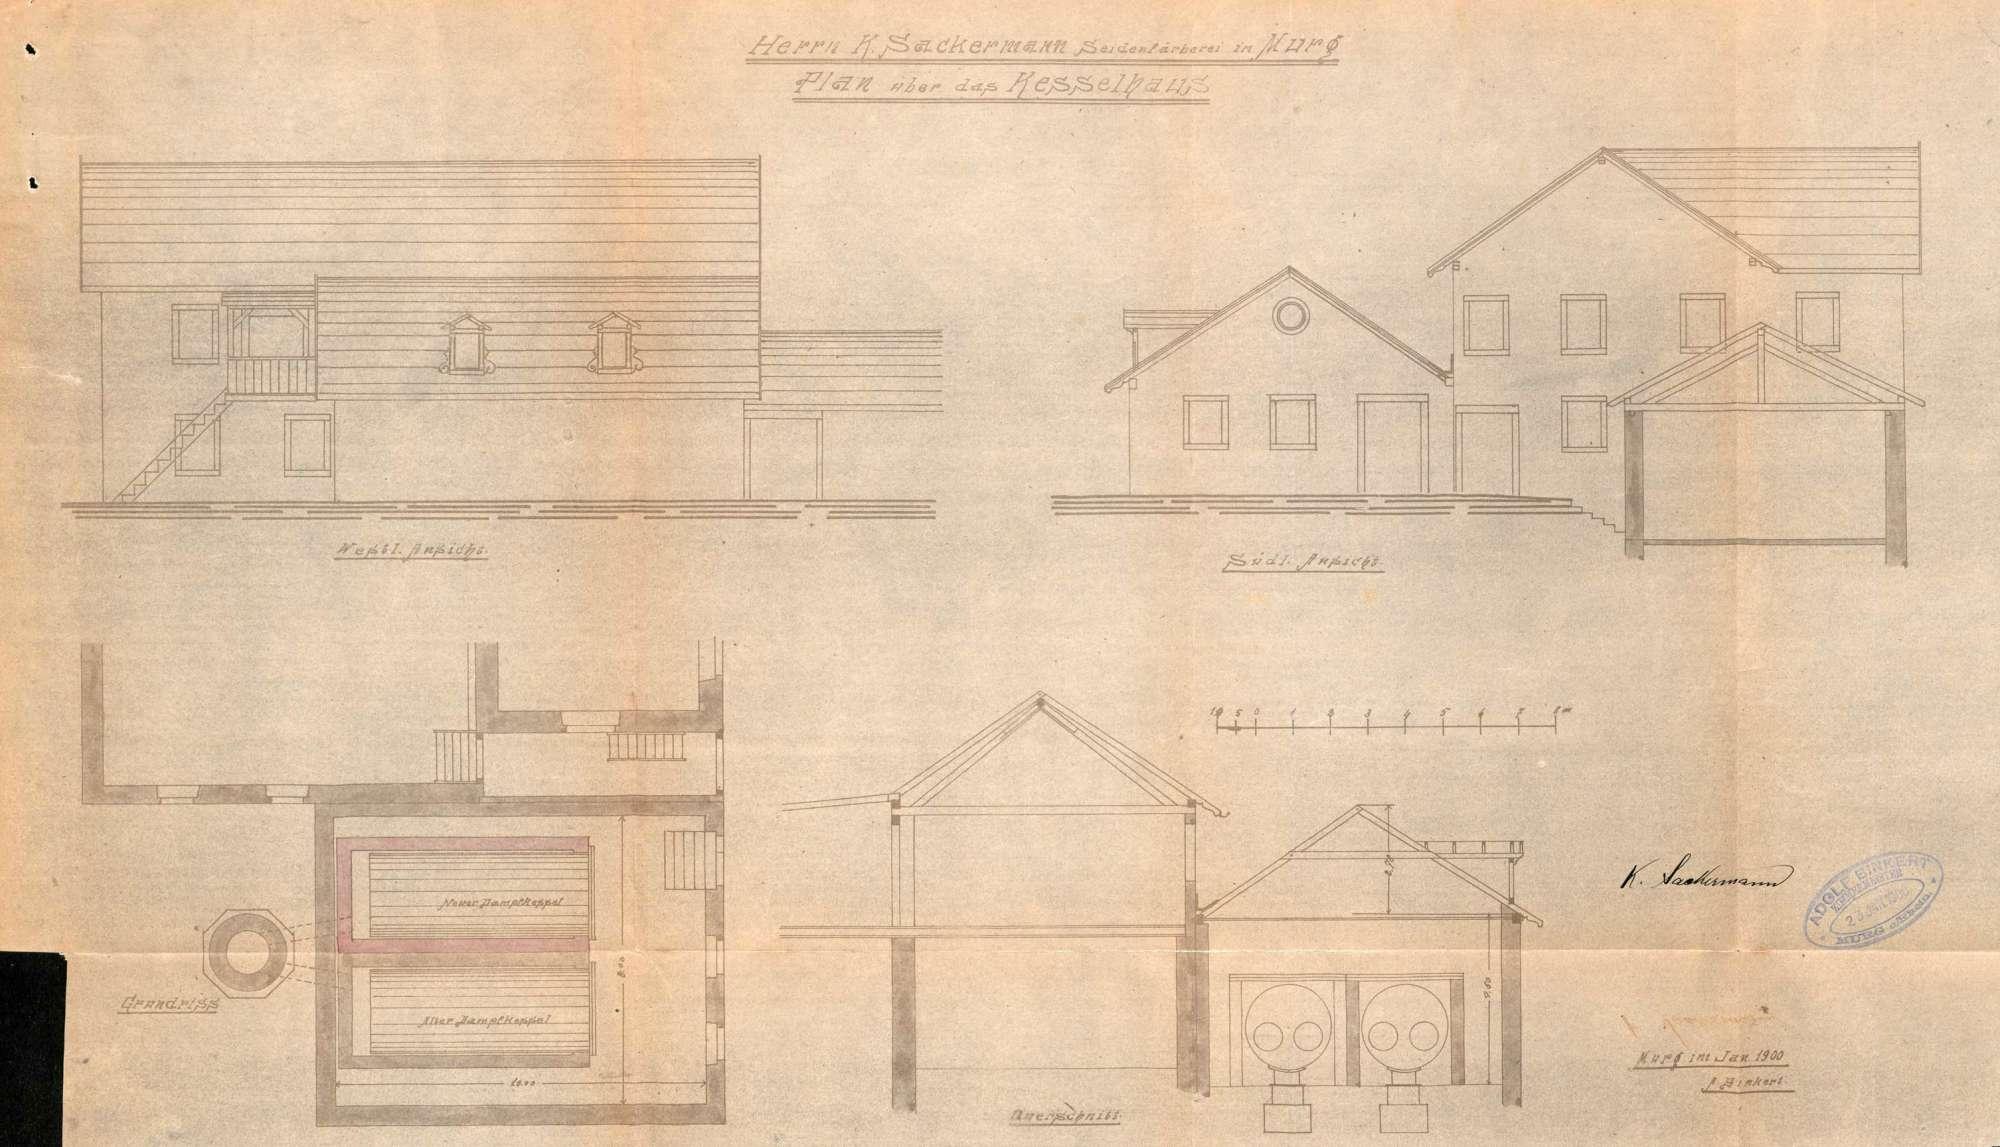 Dampfkessel der Firma Seidenfärberei K. Sackermann in Murg, Bild 2